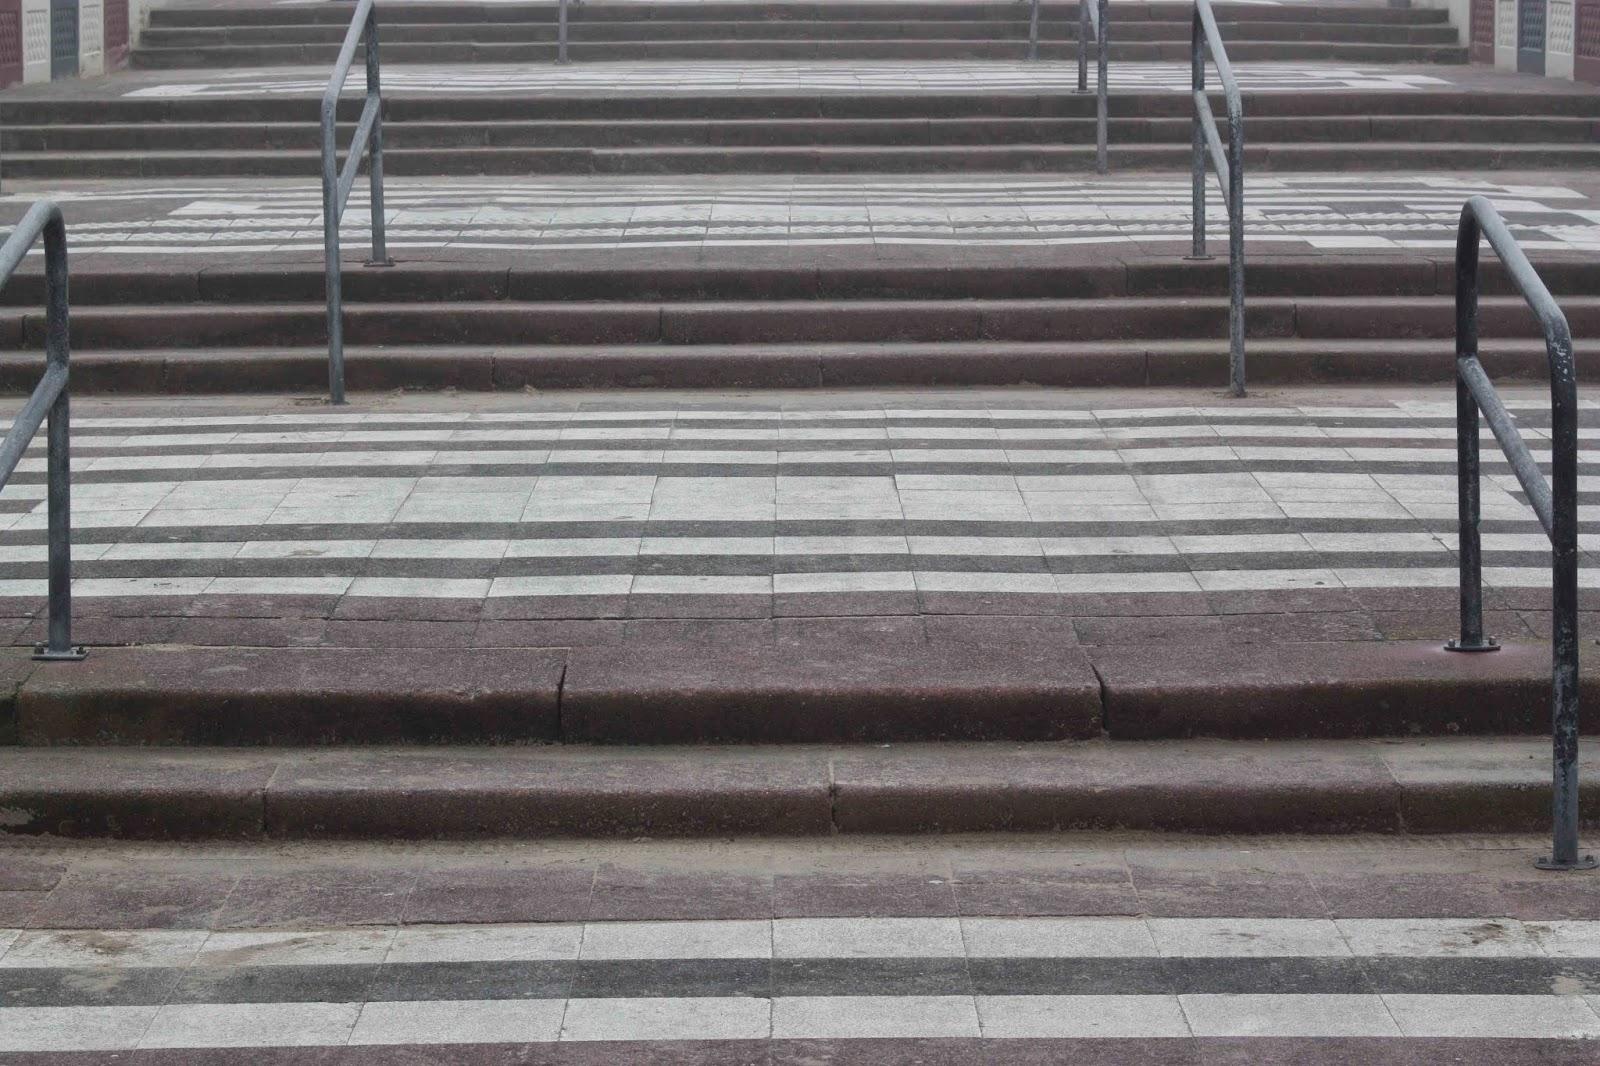 steps in striped sidewalk